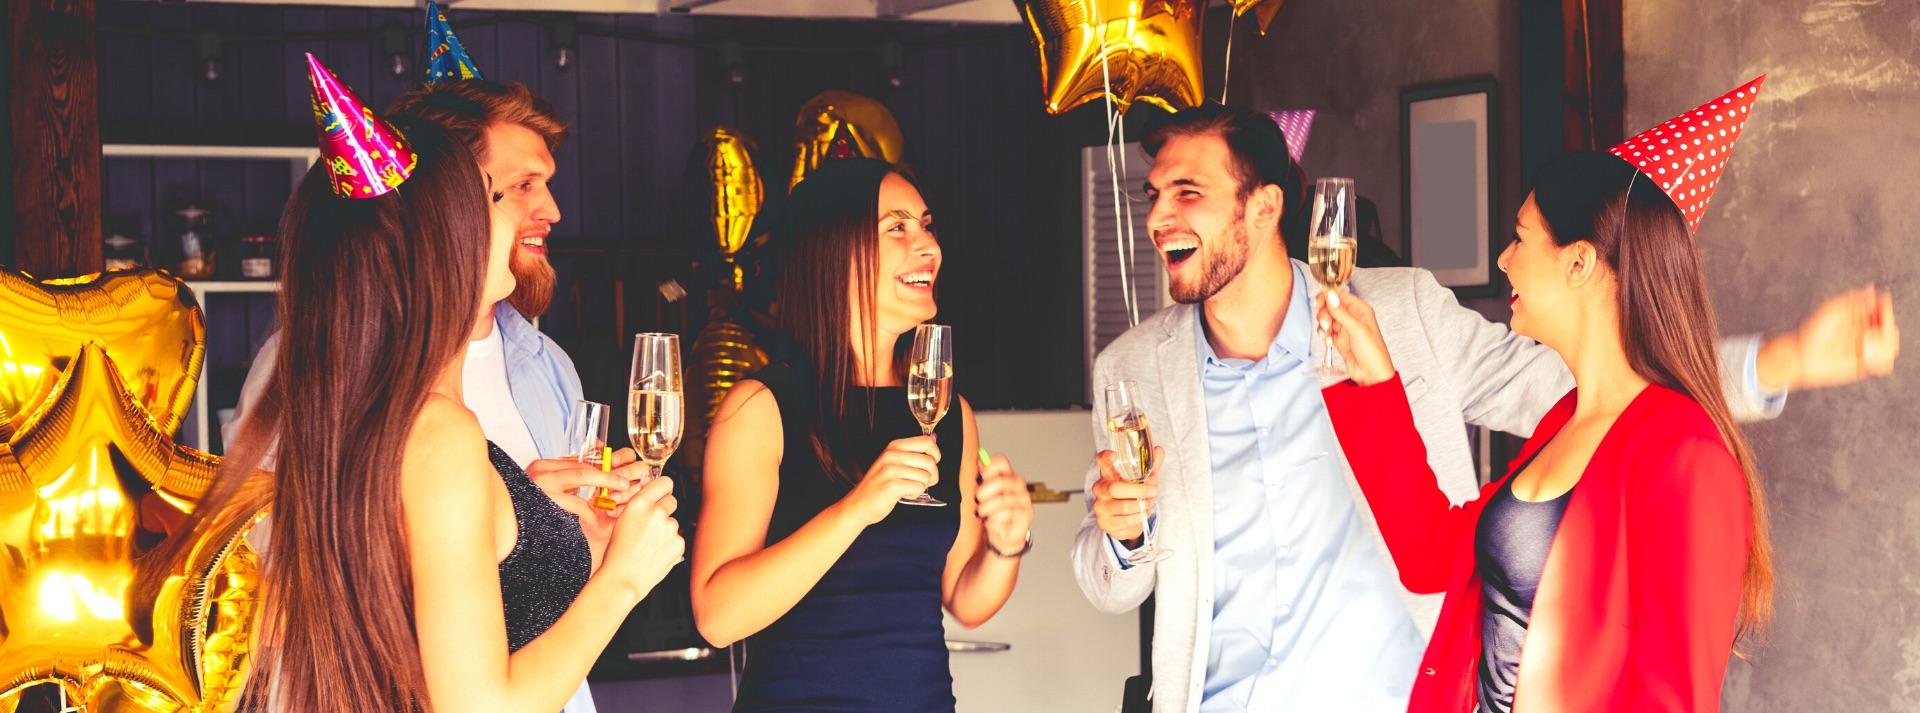 Soirée d entreprise,Cocktail, Convives, Événementielle, Soirées, Animations, Team-building, Agence événementielle, Cocktail dînatoire, Organiser une soirée, Cocktails, Prestataires, Traiteur, Animation de soirée, Événementiel, Soirées d entreprise, Votre budget, Festive, Lancement de produit, Insolite, Séminaires, Clé-en-main, Originales, Festif, Organiser un événement, Cabaret, Soirée de fin d année, Cohésion, Sonorisation, Événementielles, Organisation d une soirée, Cohésion d équipe, Organisation de soirées, Conviviale, Privatisation, Organisation d événements, Atypique, Quizz, Apéritif, Soirée casino, Entreprise originale, Lieu idéal, Soirée à thème, Soirée originale, Animation musicale, Animations originales, Incentive, Originaux, Magicien, Participatives, Anniversaire d entreprise, Location de salle, Fêter, Convivial, Événements professionnels, Ludiques, Insolites, Inauguration, Séminaire d entreprise, Animation originale, Karaoké, Prestigieux, Organisateur de la soirée, Soirée réussie, Temps d une soirée, Renforcer la cohésion, Salle de réception, Nouveau produit, Fédérer, Lieu de réception, Dynamiser, Organisateur, Soirée d anniversaire, Lieu atypique, Motiver, Fêtes de fin d année, Voeux, Bonne humeur, Marquer les esprits, Organisez une soirée, Privatiser, Arbre de Noël, Afterwork, Lieu insolite, Esprit d équipe, Quiz, Atypiques, Ambiance conviviale, Comment organiser, Réalité virtuelle, Faire la fête, Soirées à thème, Musicales, Soirée festive, Soirée privée, Poker, Réceptions, Animation événementielle, Moment unique, Thème de la soirée, Escape game, Resserrer les liens, Repas assis, Musicaux, Soirées privées, Votre image, Divertissement, Fête d entreprise, Soirées de gala, Récompenser, Soirées événementielles, Proposer une soirée, Dégustation, Dîners, Idée de soirée, Agence d événementiel, Activité de team building, Animation de soirées, Close up, Bars, Soirée inoubliable, Lieux atypiques, Organiser cette soirée, Organise des soirées, Organisateurs de la 